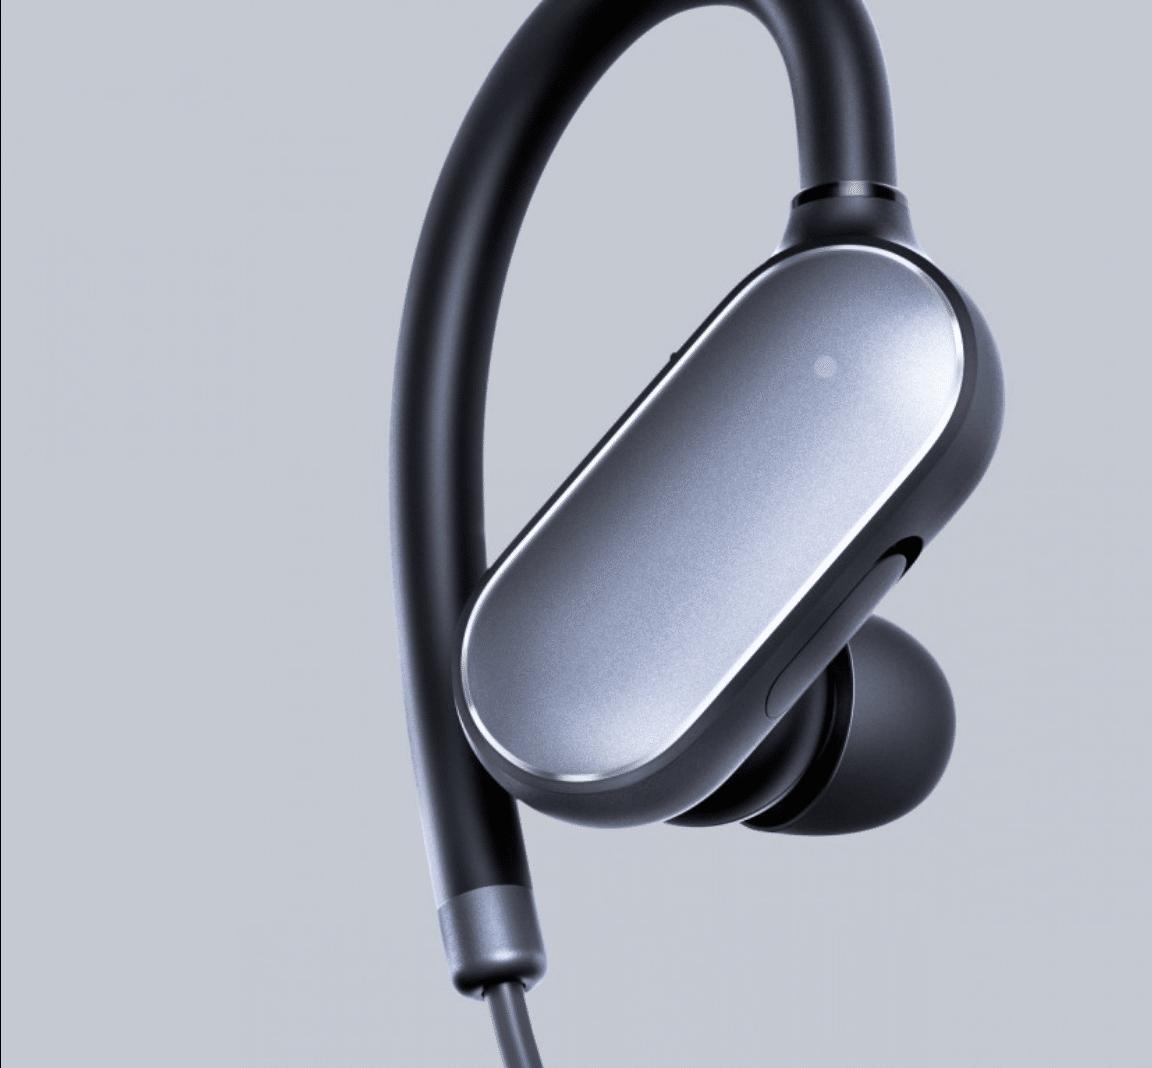 Mi-Sports - Xiaomi veröffentlicht Bluetooth Headset für Sporties 4